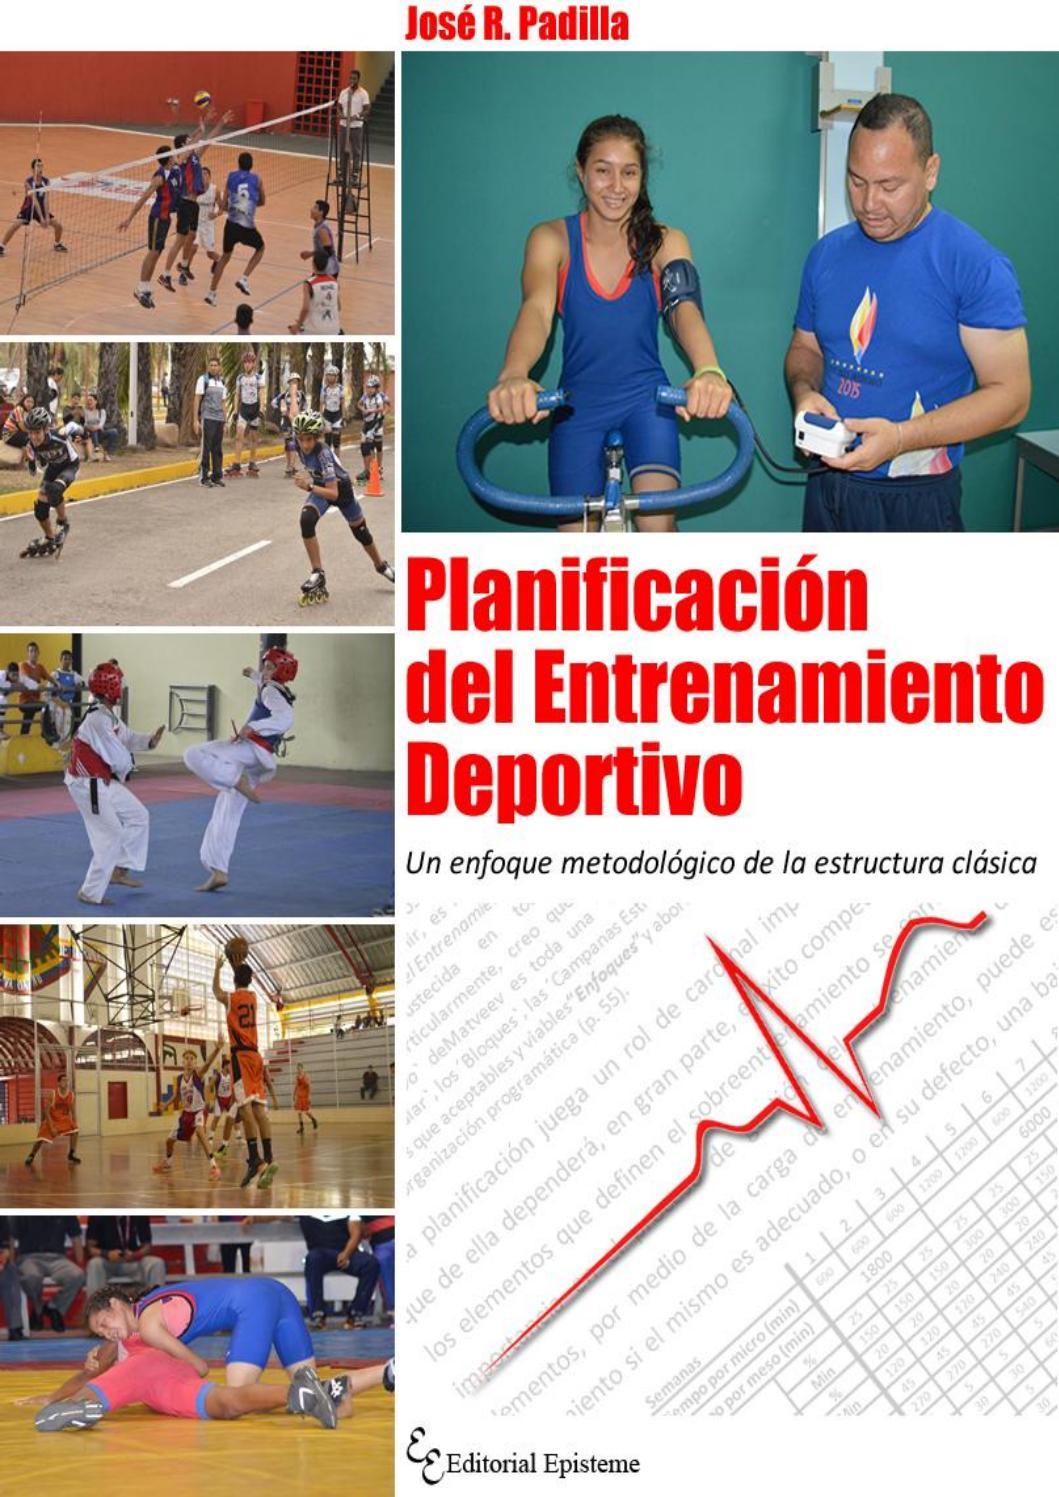 principios del entrenamiento deportivo definicion